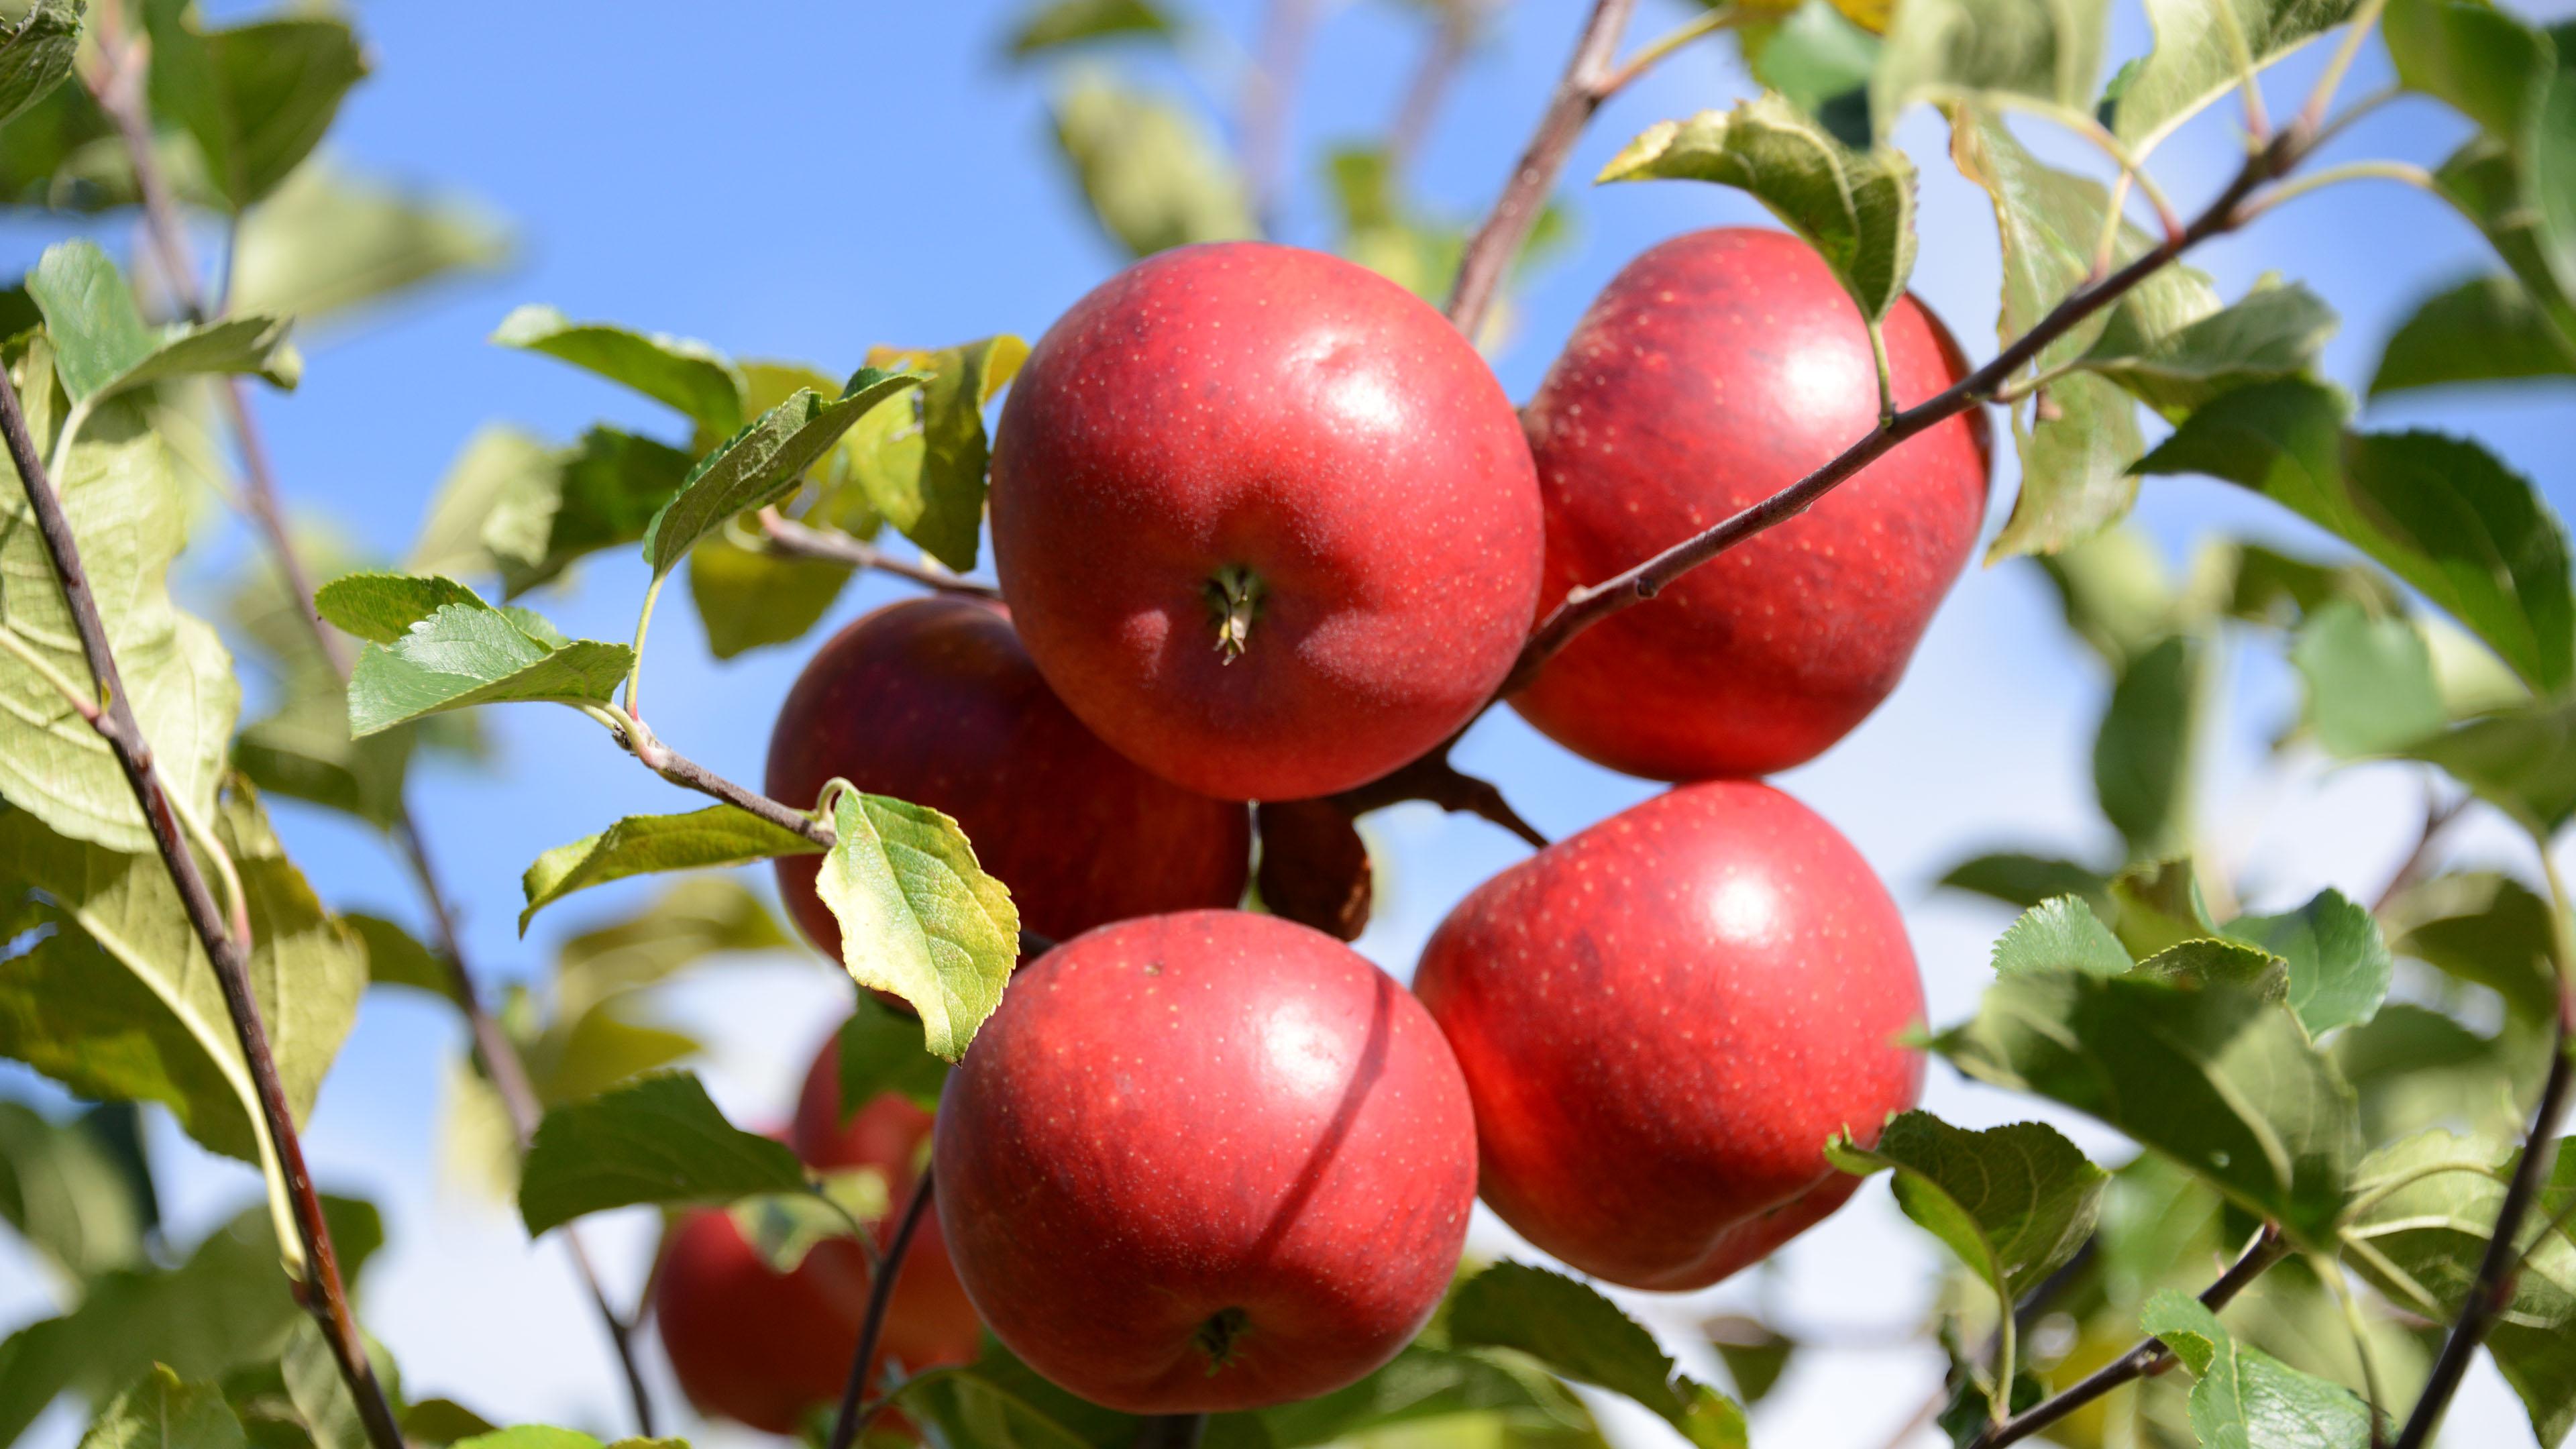 小清新,动感水果,苹果,苹果树,红苹果